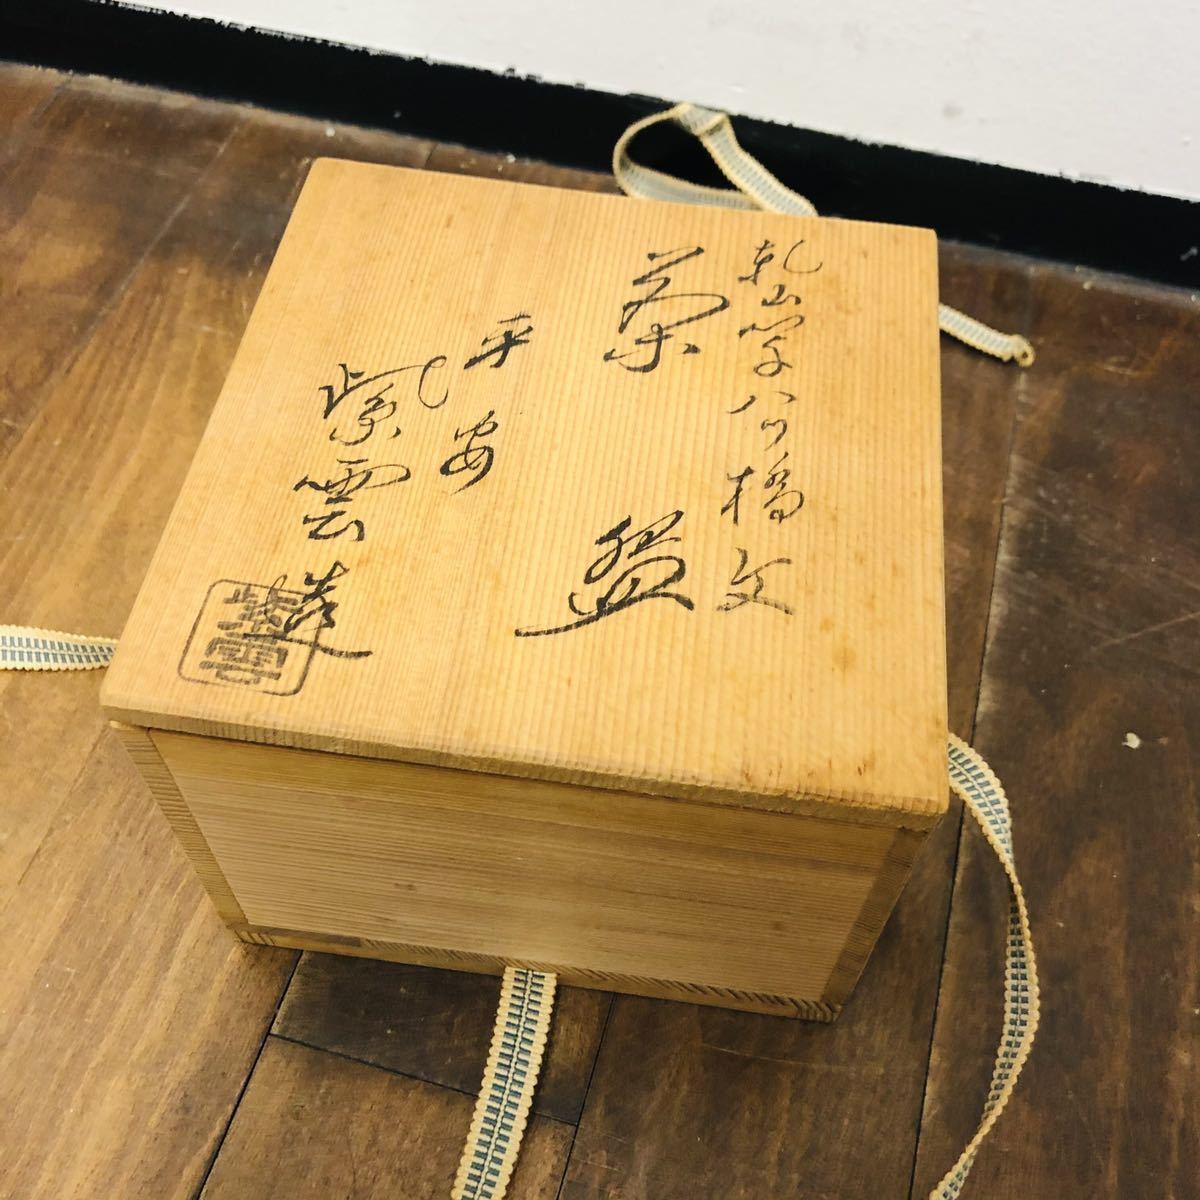 貴重 希少 京焼 橋本紫雲造 茶碗 茶器 茶道具 桐箱 木箱 アンティーク ヴィンテージ i422